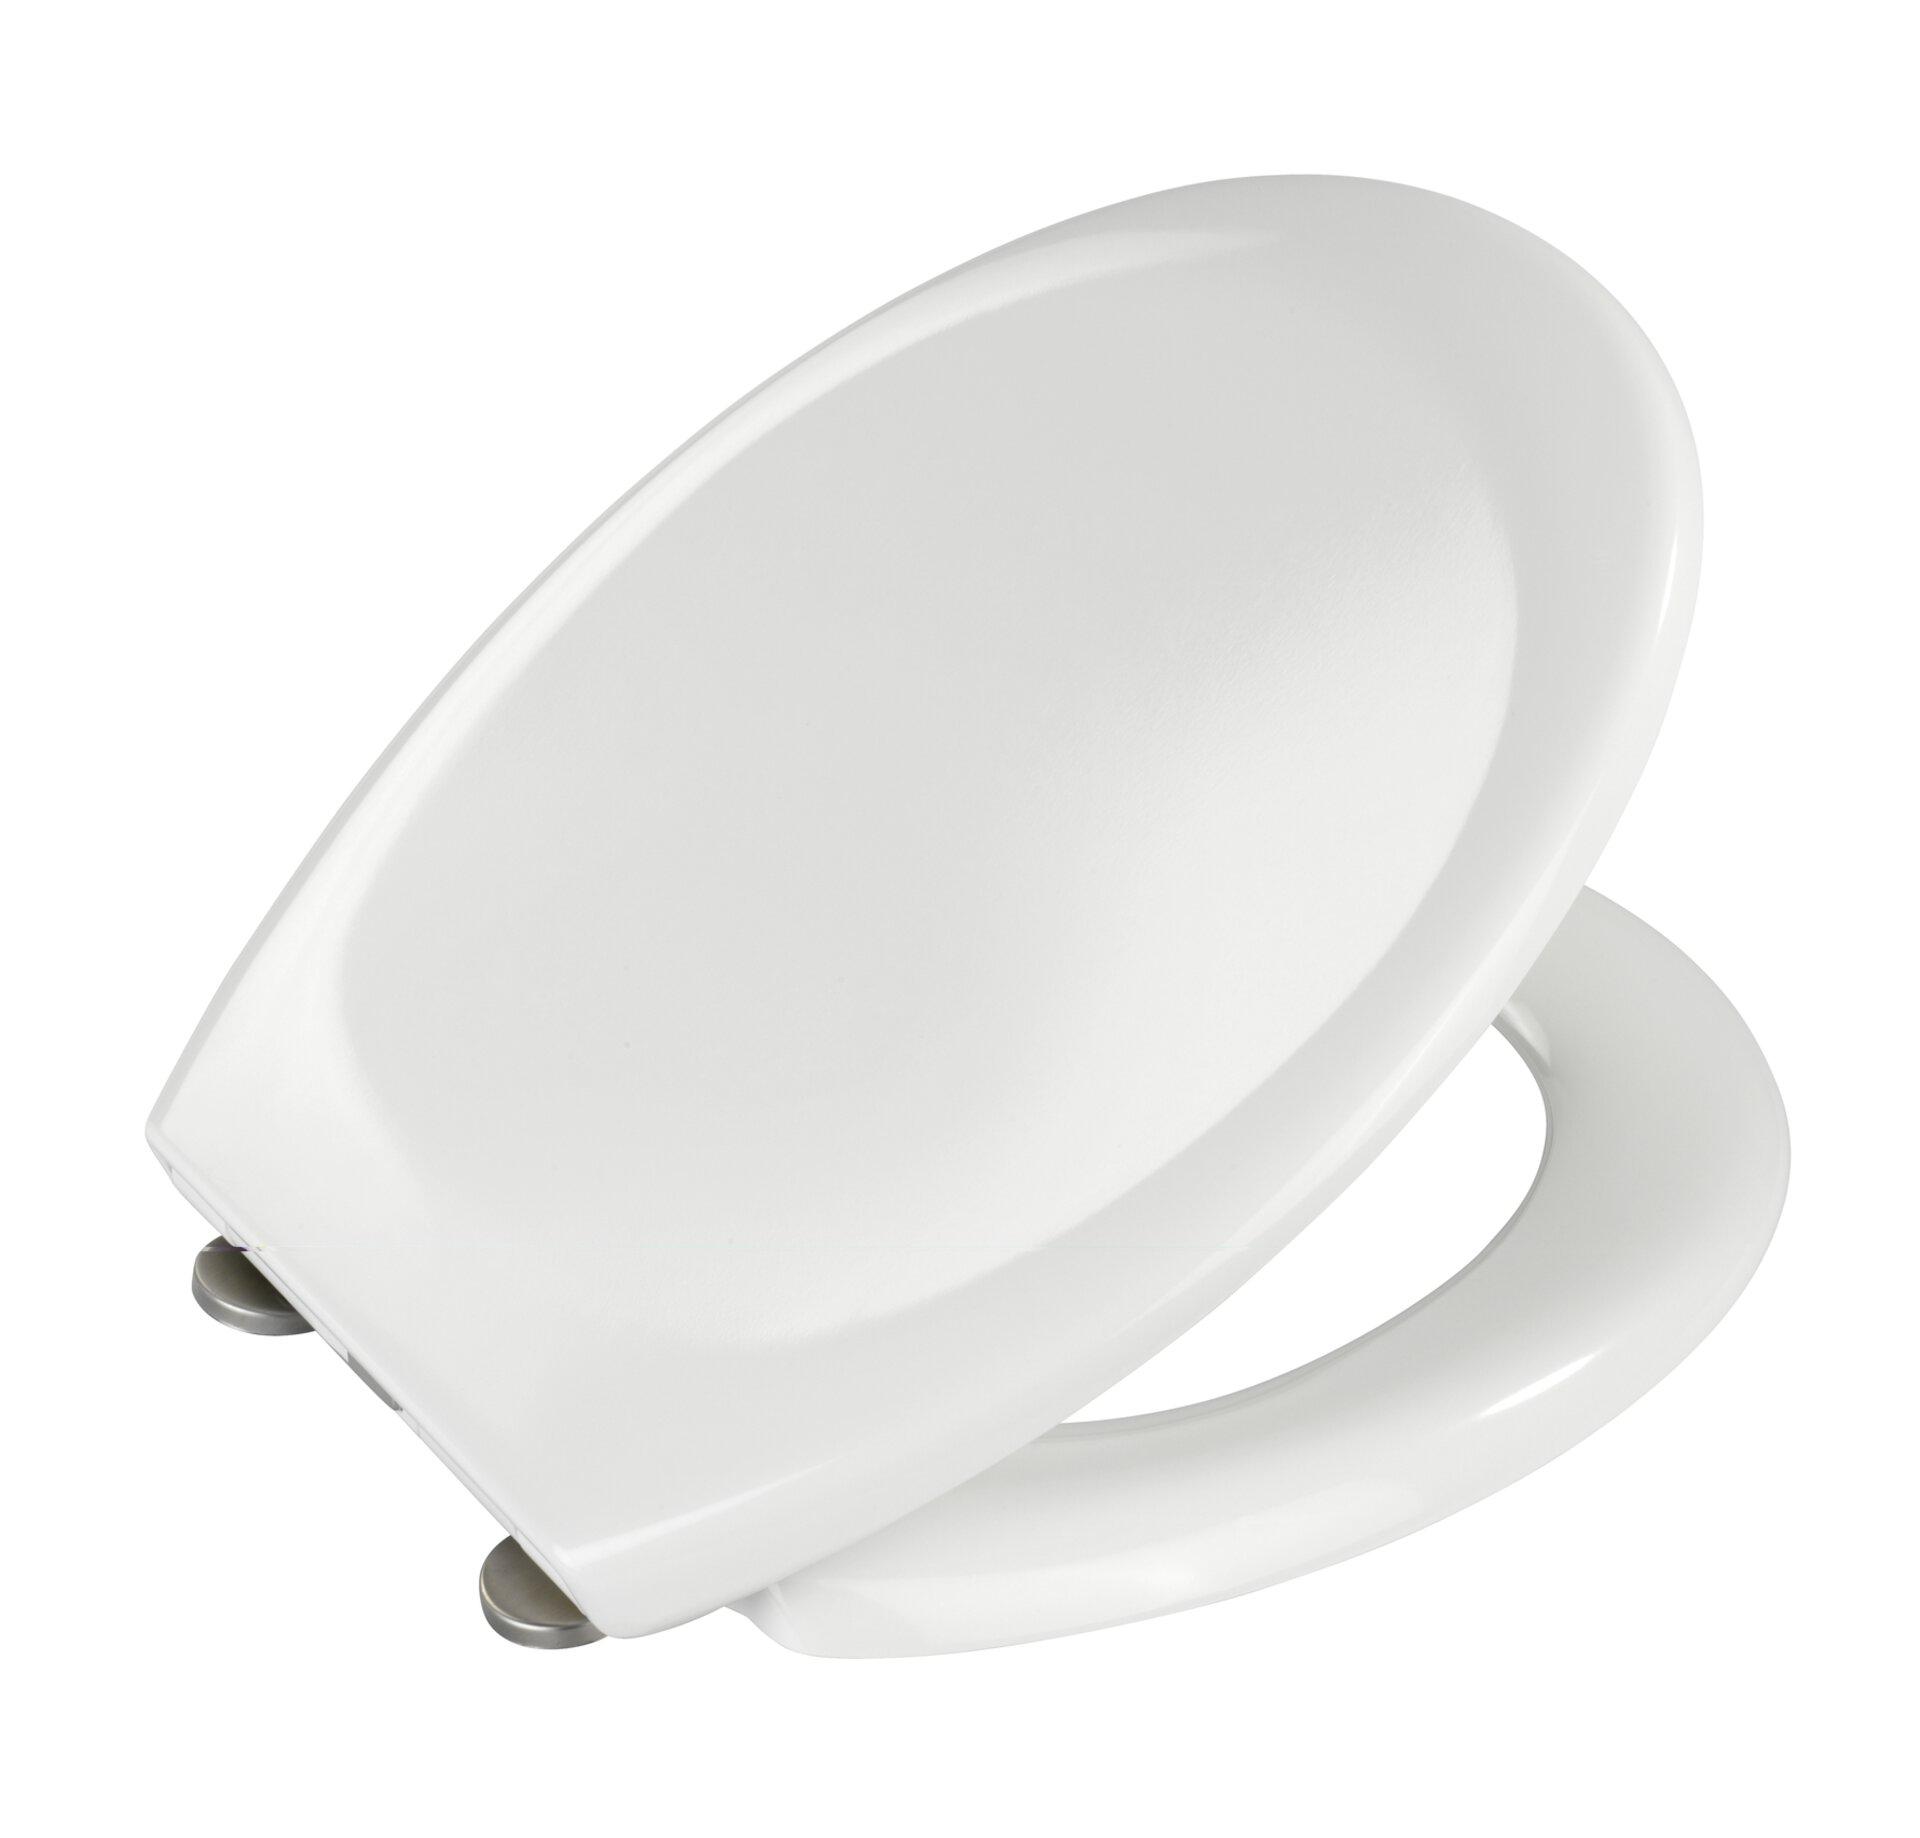 WC-Zubehör Ottana Wenko Kunststoff weiß 37 x 44 cm